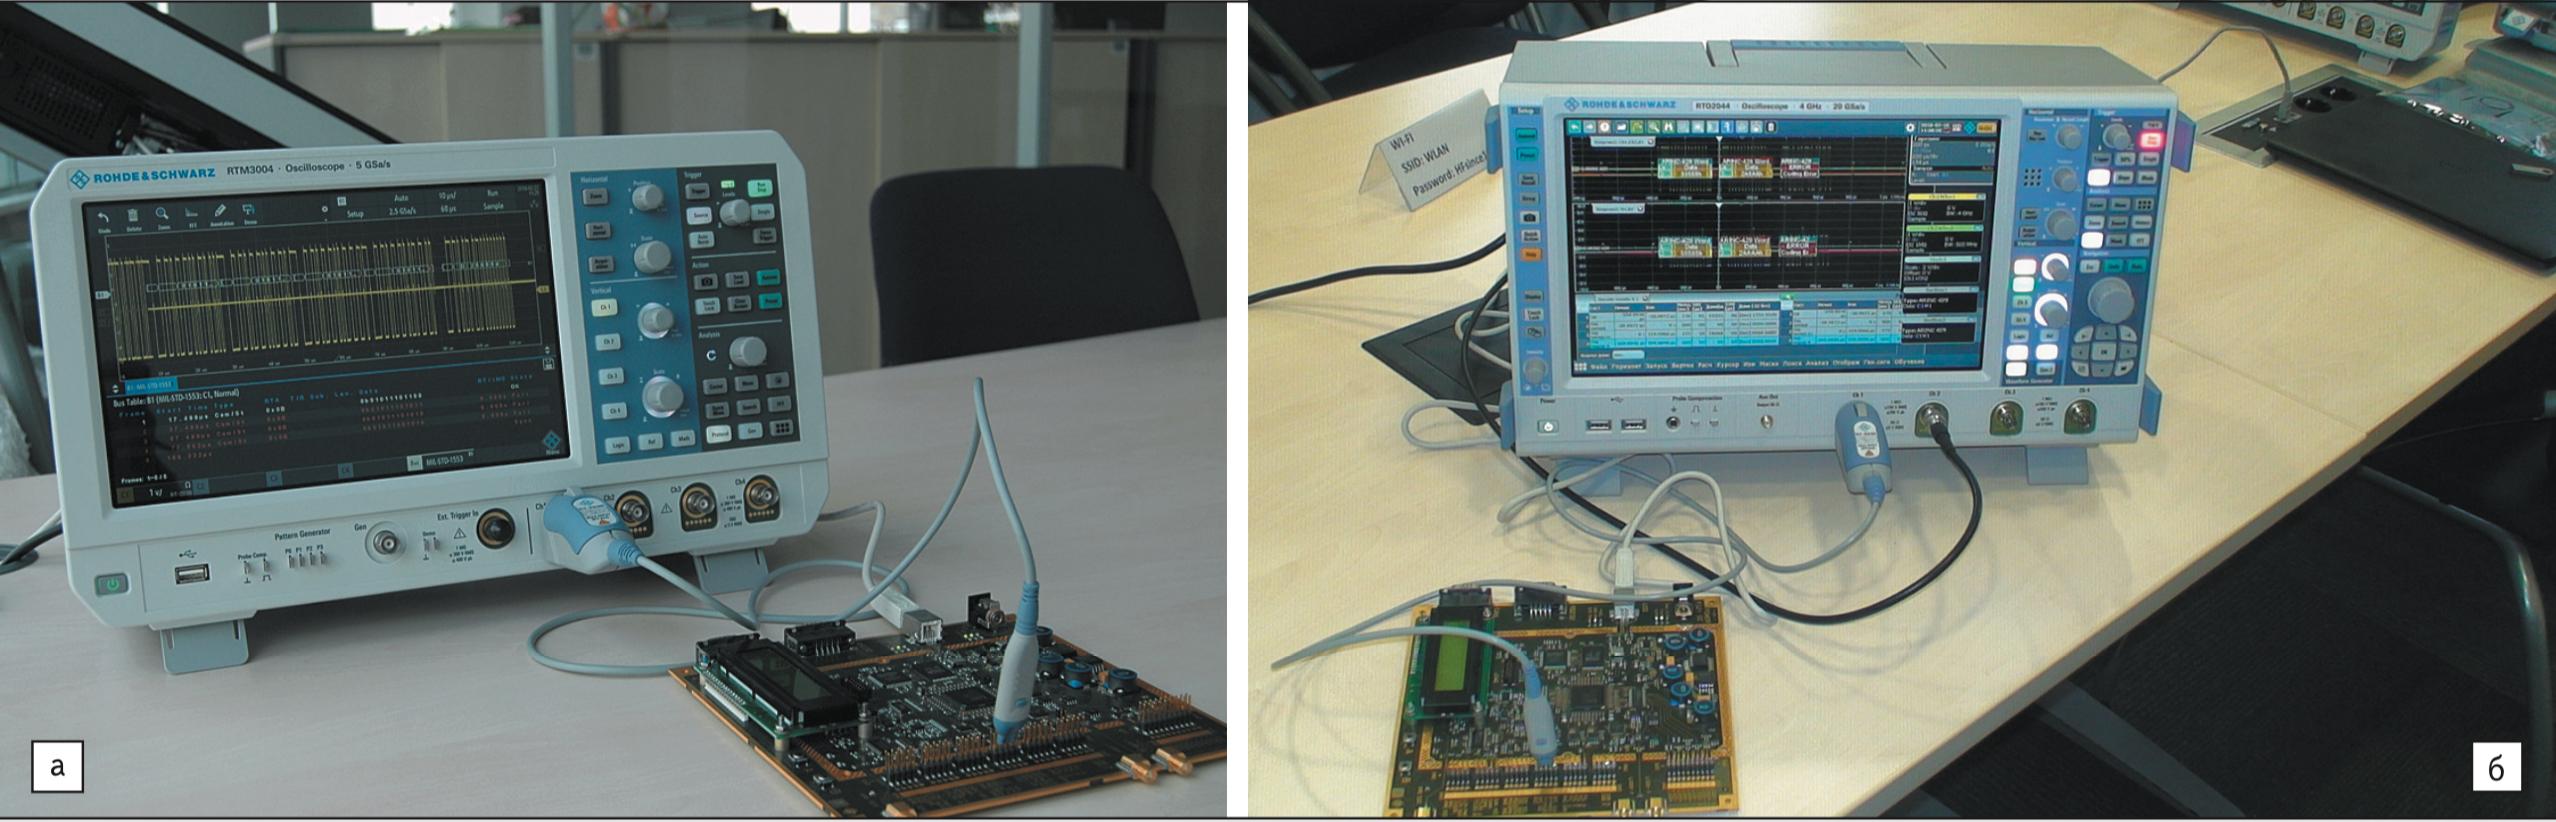 Измерительная установка: а) для демонстрации декодирования сигналов стандартов MIL-1553 и Arinc-429; б) для анализа влияния аддитивных импульсных помех на возможность такого декодирования